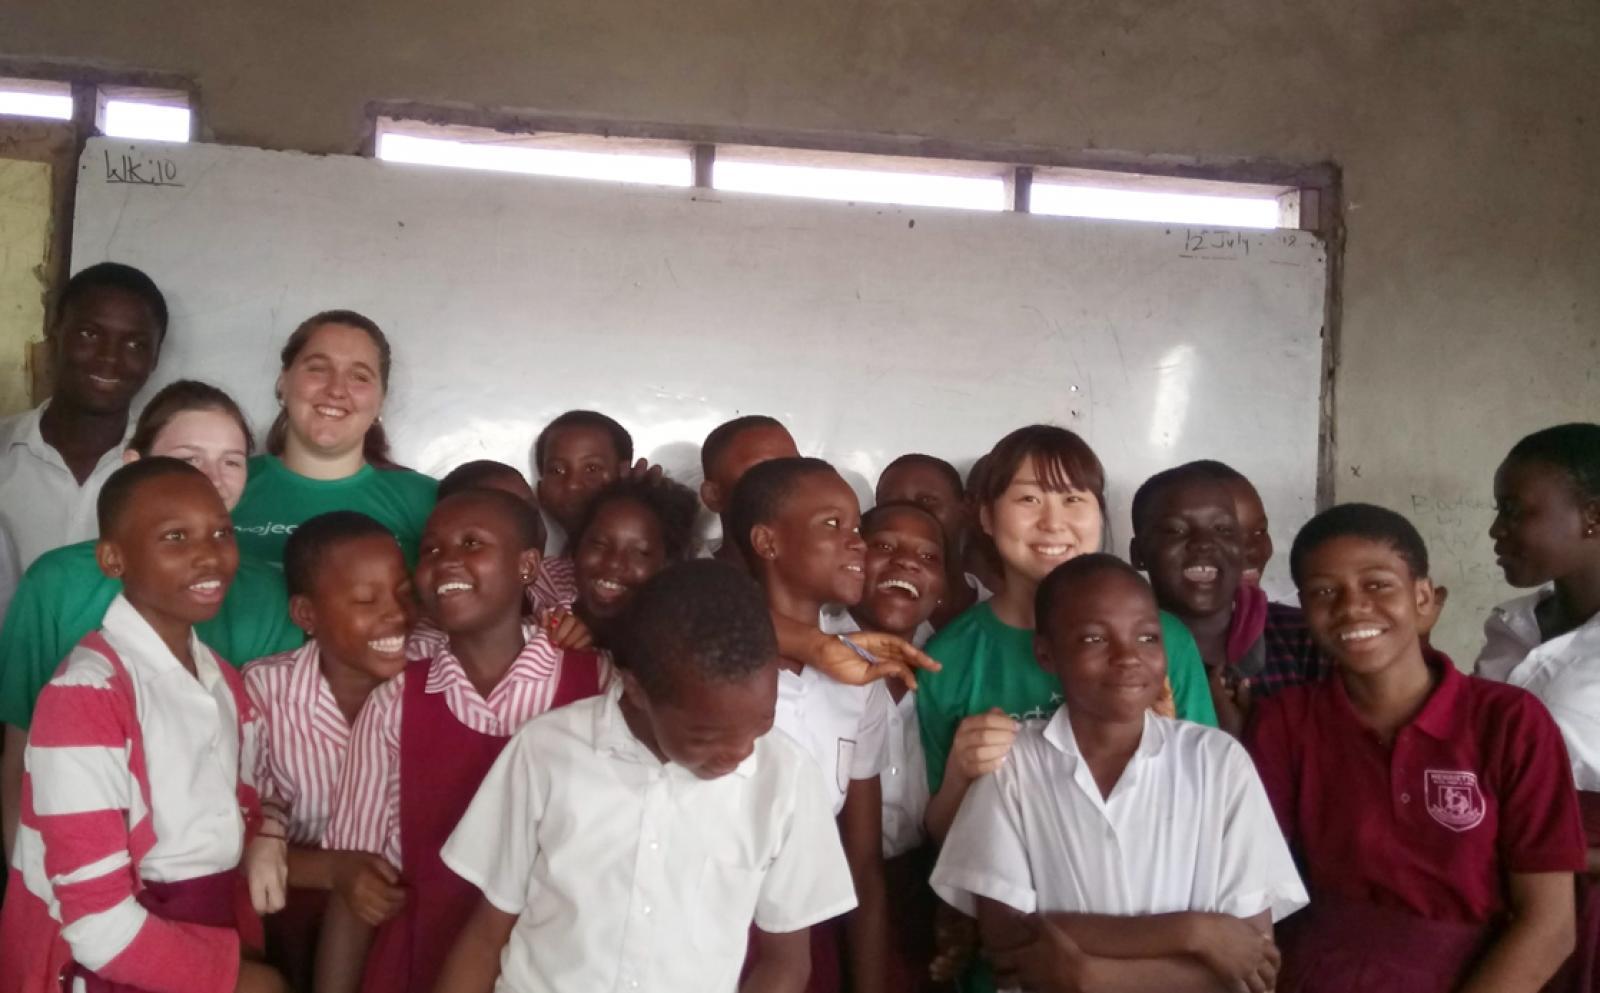 アフリカの子供たちへの人権教育に取り組む高校生ボランティアたち